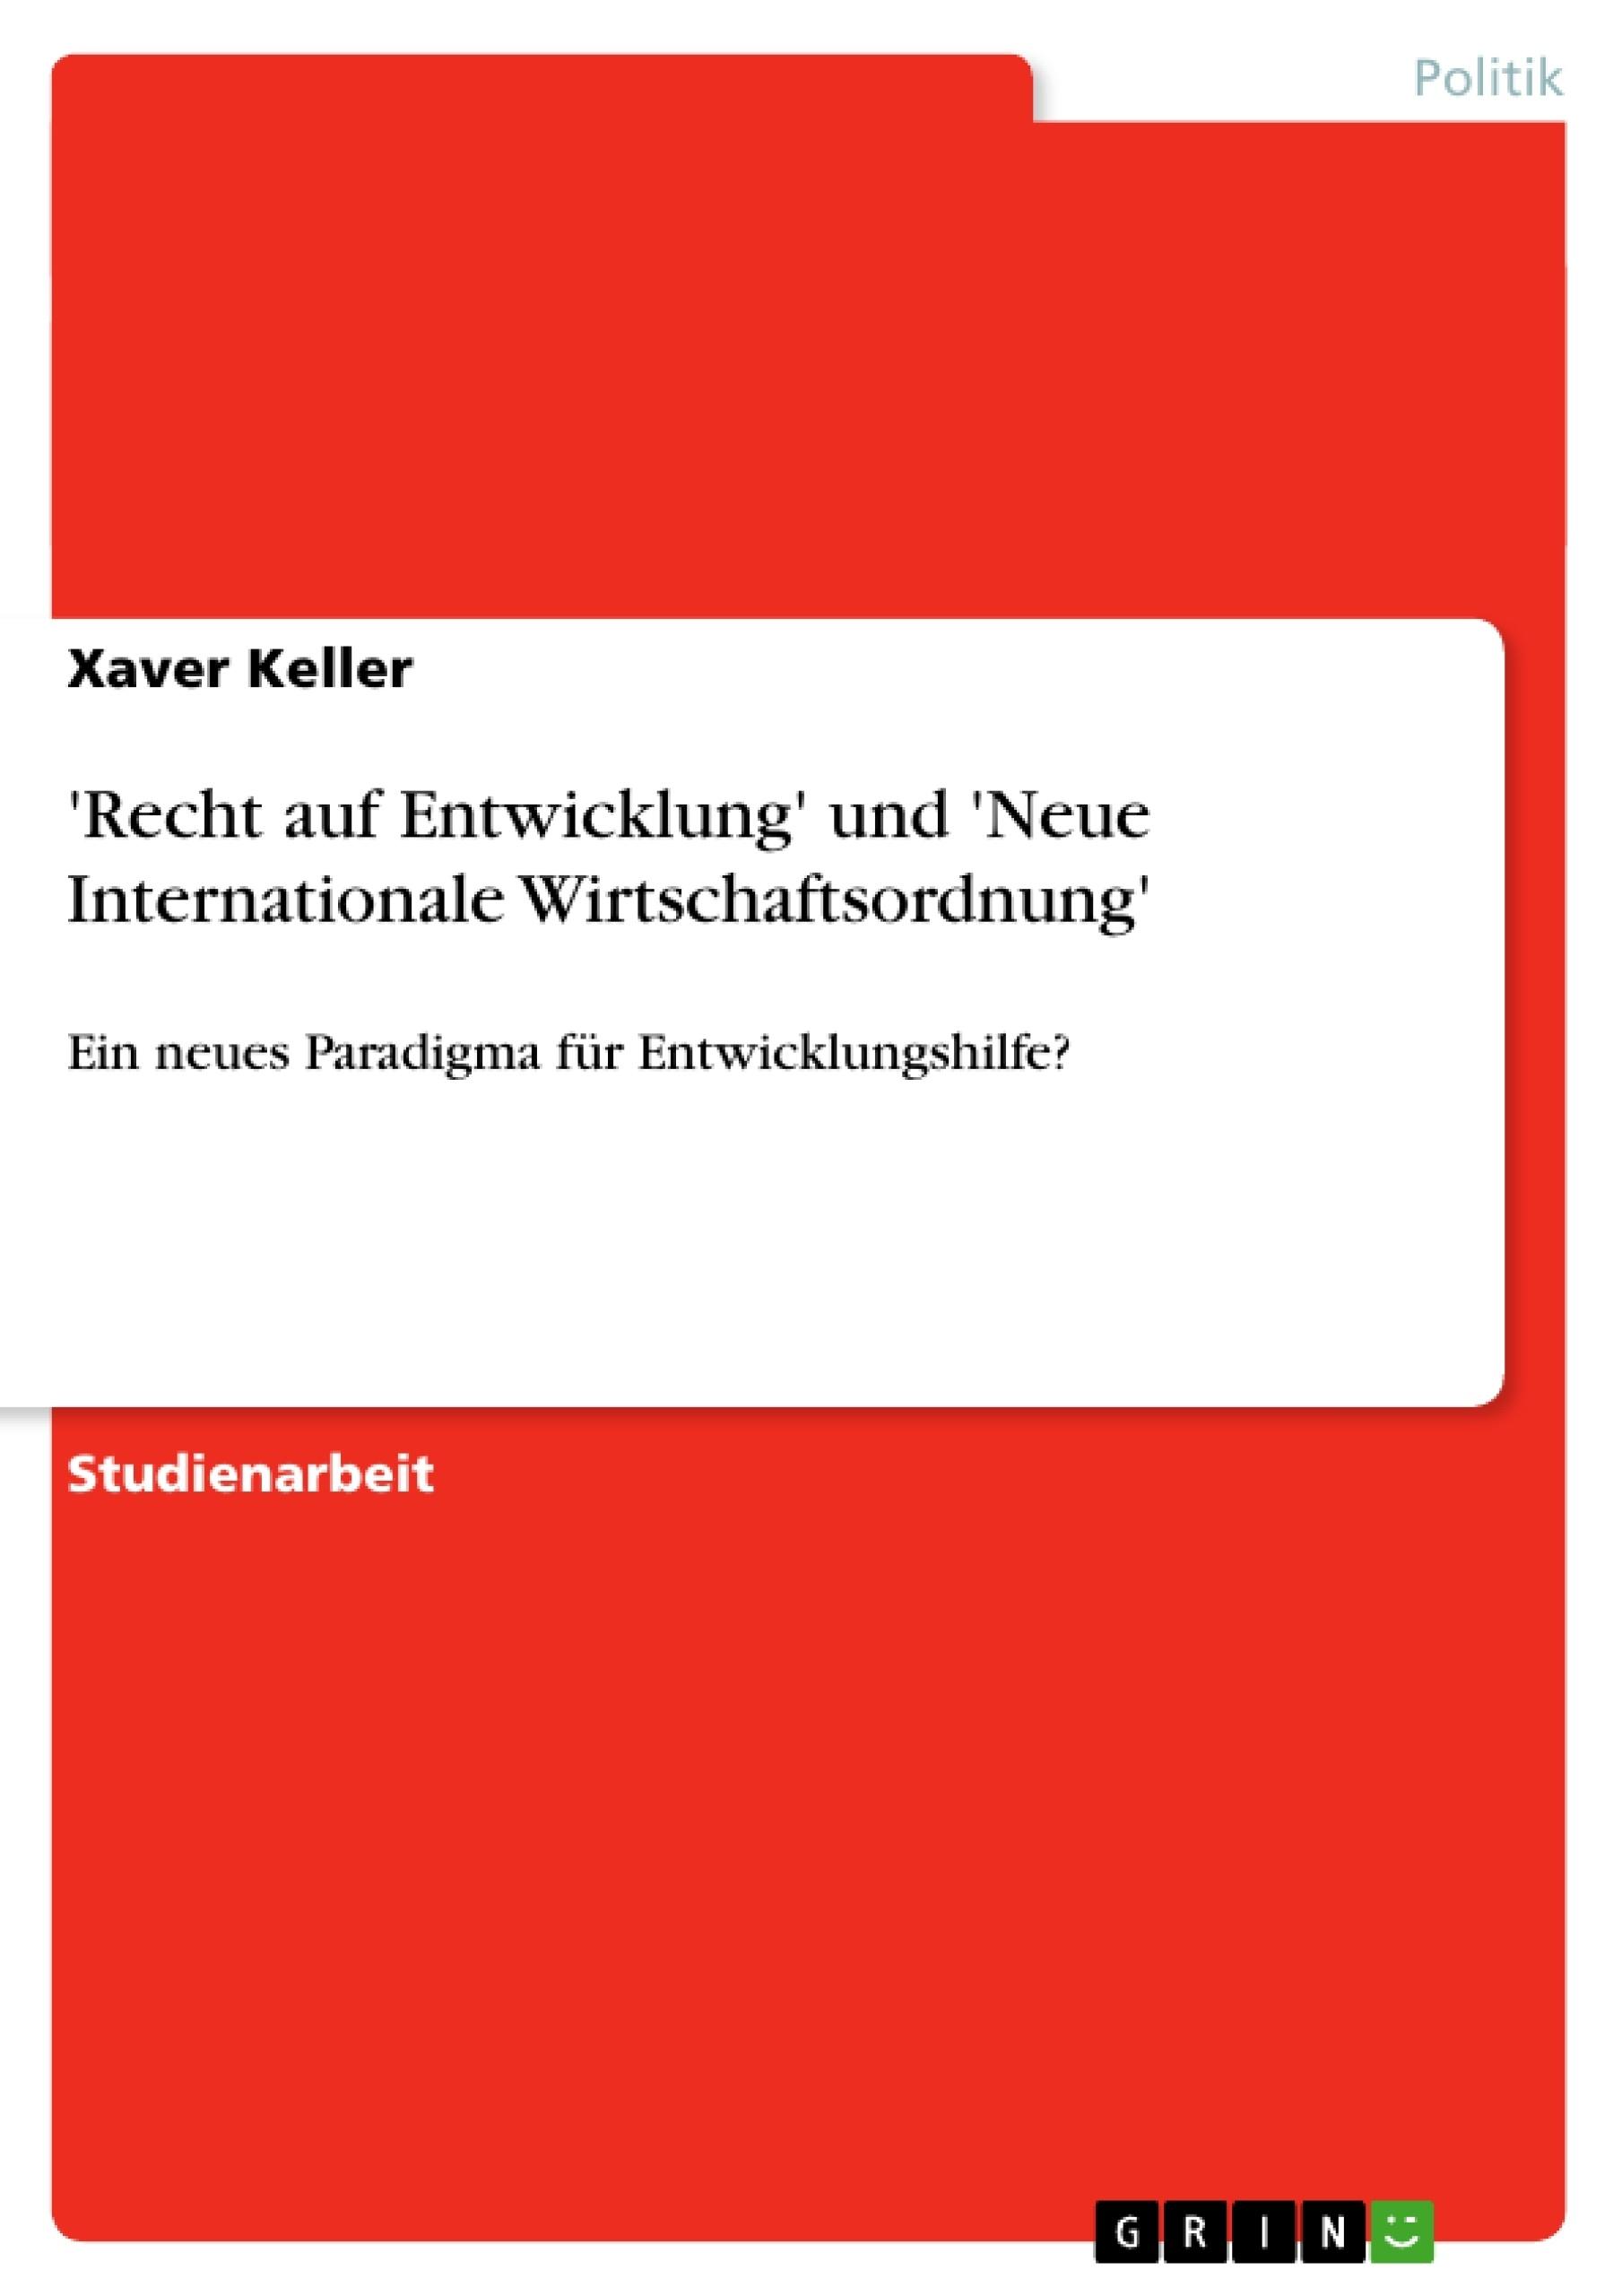 Titel: 'Recht auf Entwicklung' und 'Neue Internationale Wirtschaftsordnung'